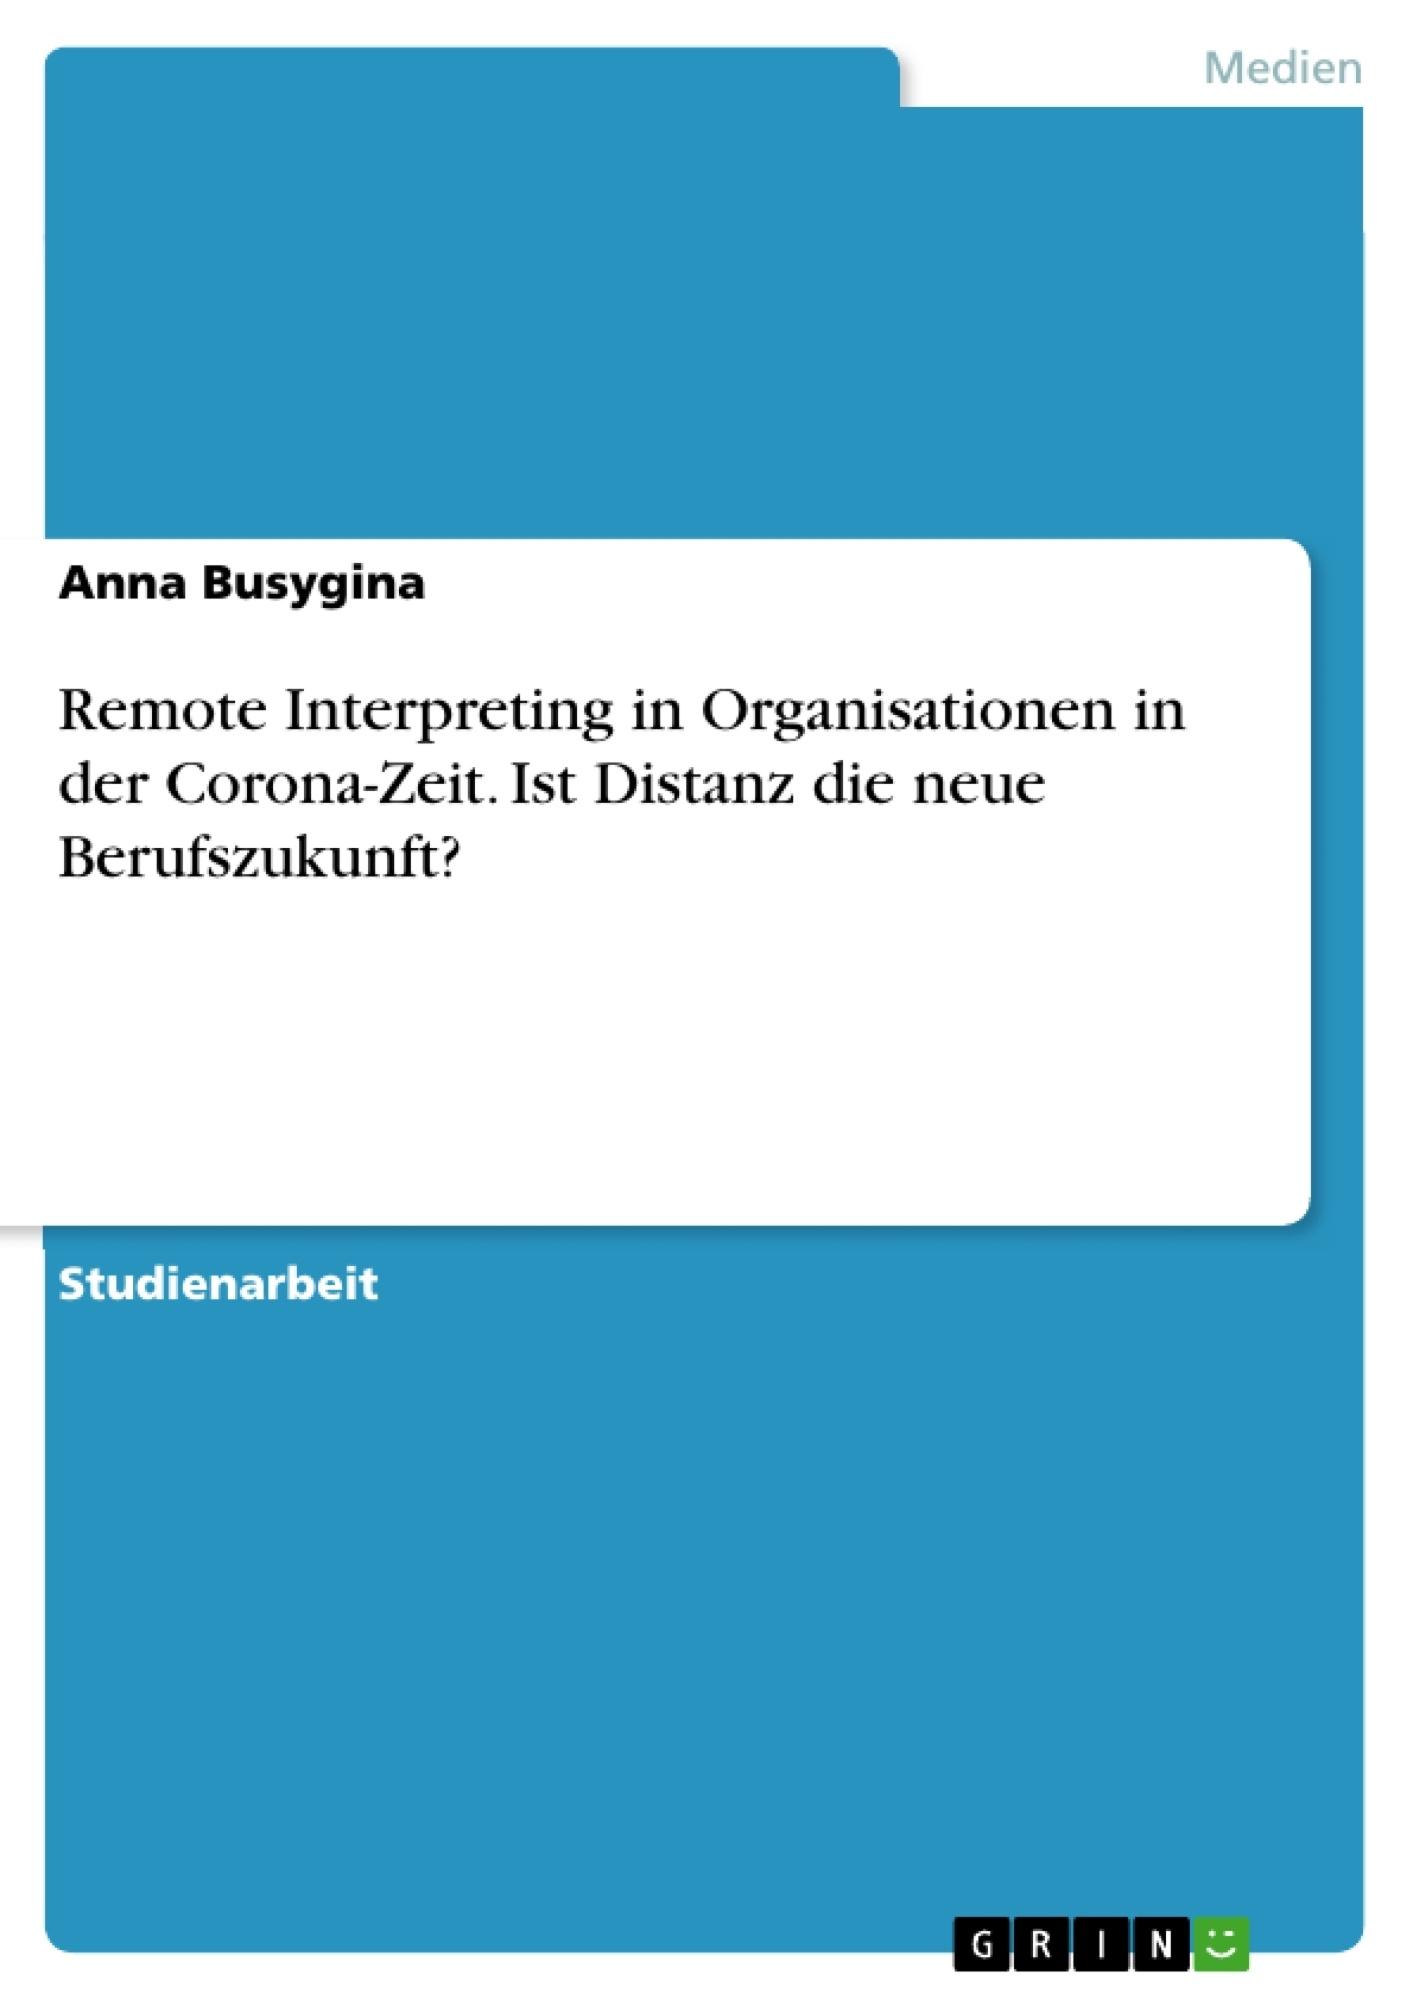 Titel: Remote Interpreting in Organisationen in der Corona-Zeit. Ist Distanz die neue Berufszukunft?